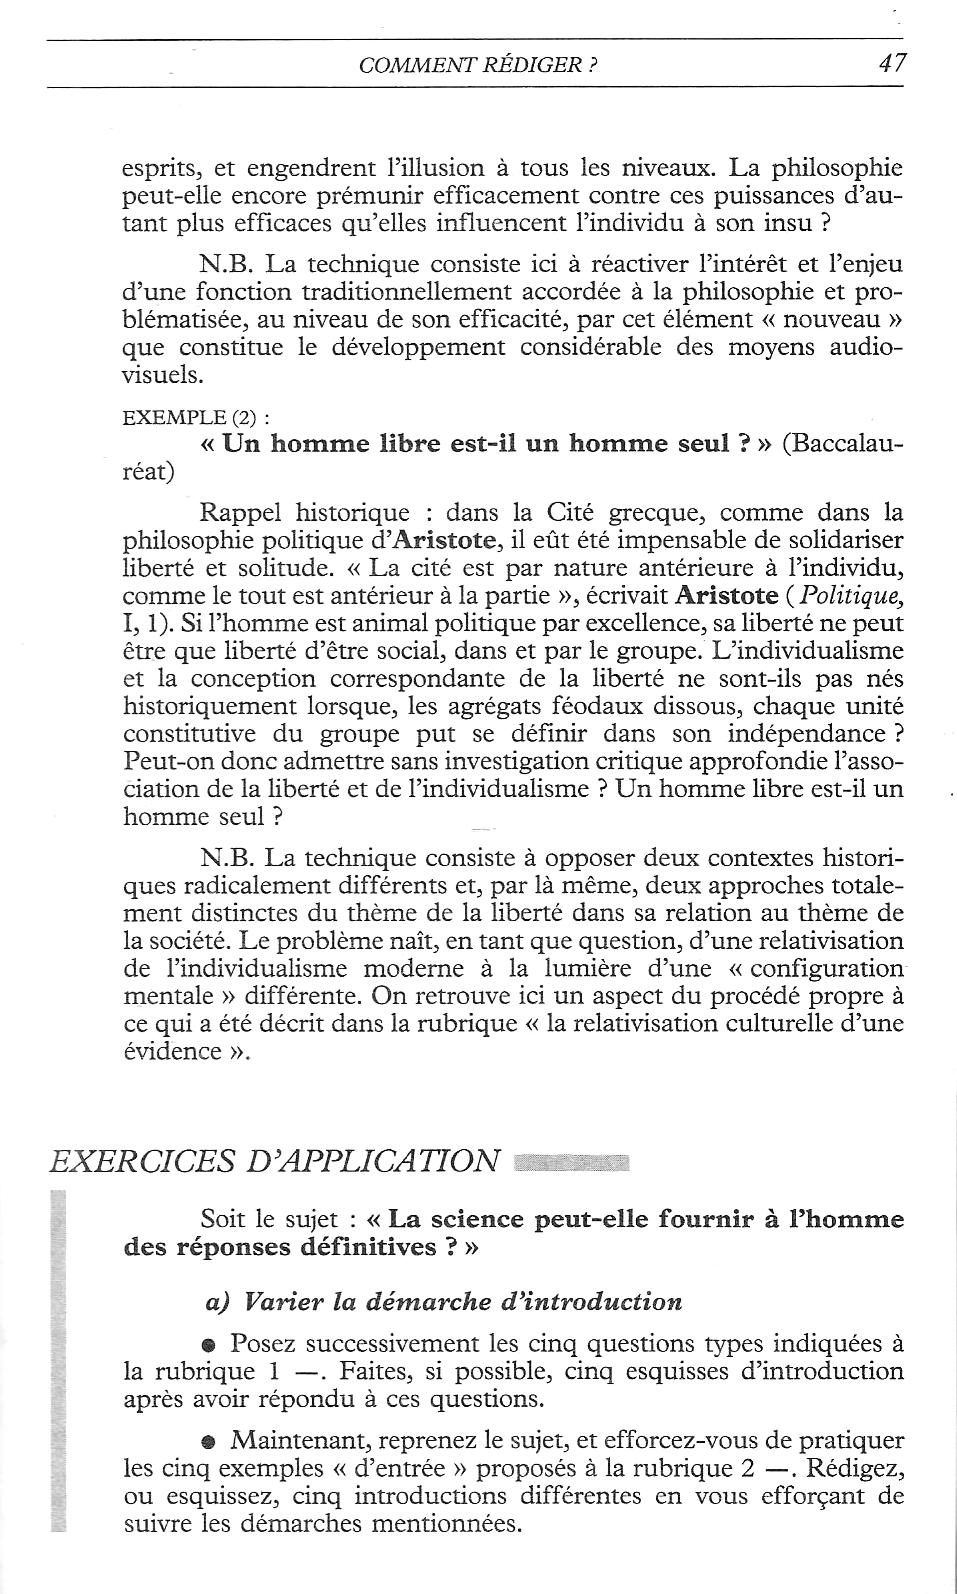 Dissertation de philo sur la liberte